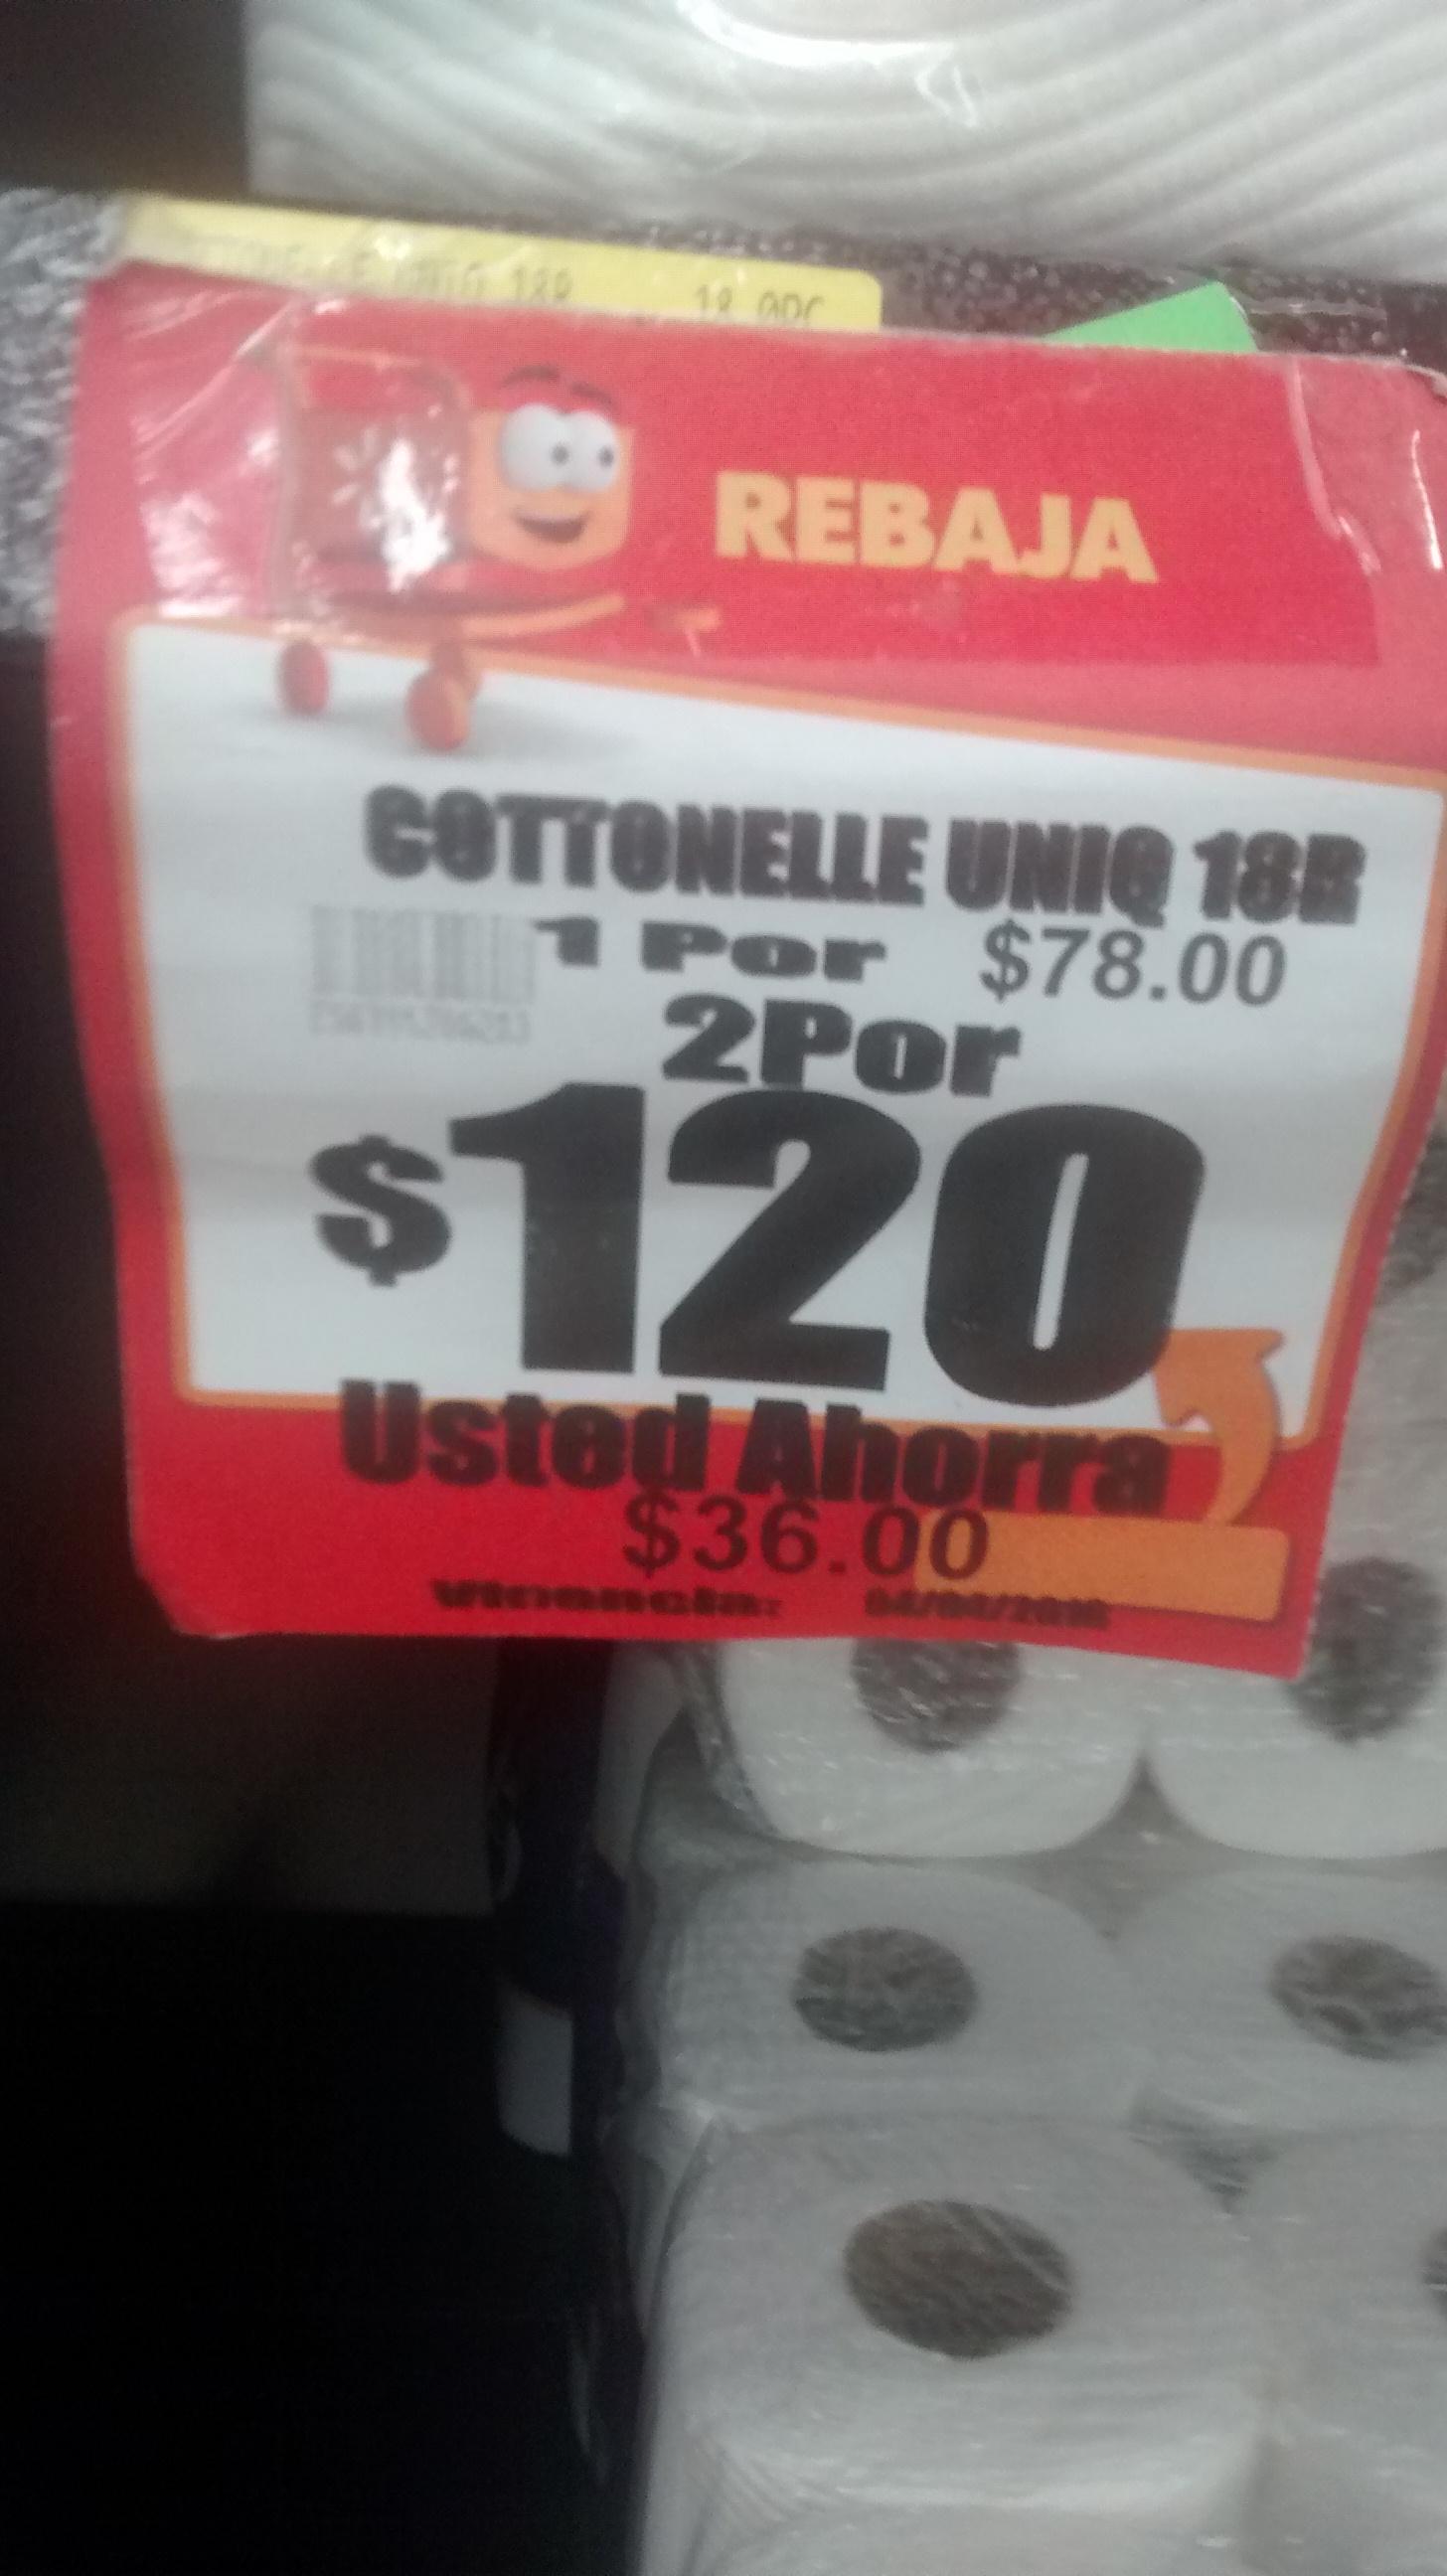 Walmart Puebla Ánimas: 2 paquetes de 18 rollos Cottonelle por $120